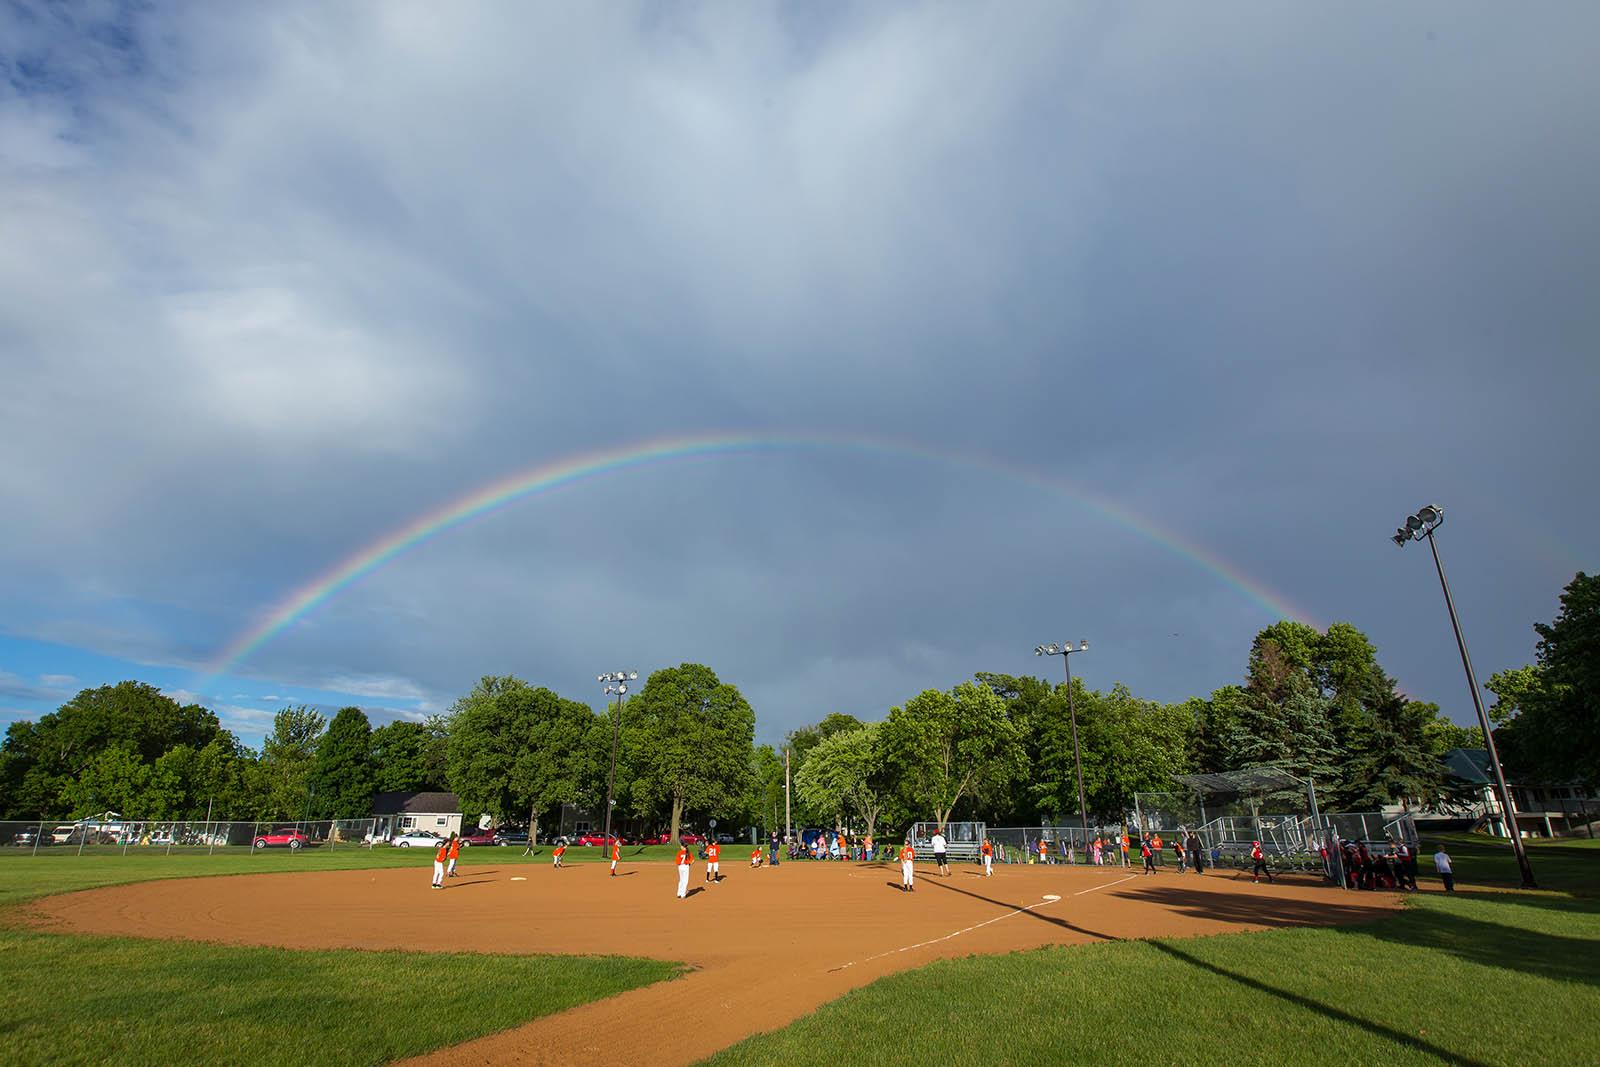 rainbow over a baseball field